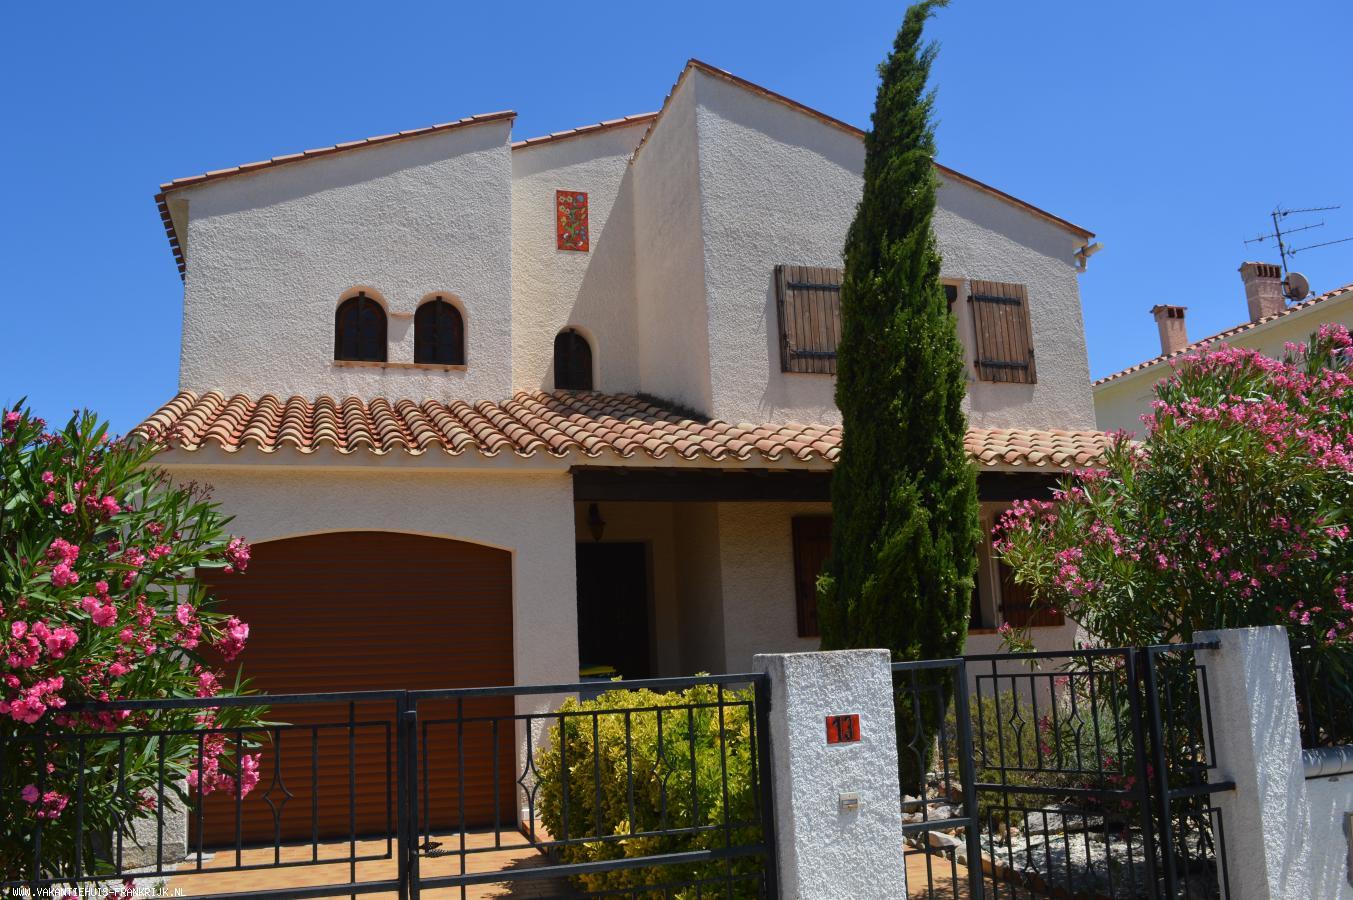 Vakantiehuis: Vakantiehuis met zwembad in Perpignan Zuid-Frankrijk te huur voor uw vakantie in Pyreneeen Orientales (Frankrijk)